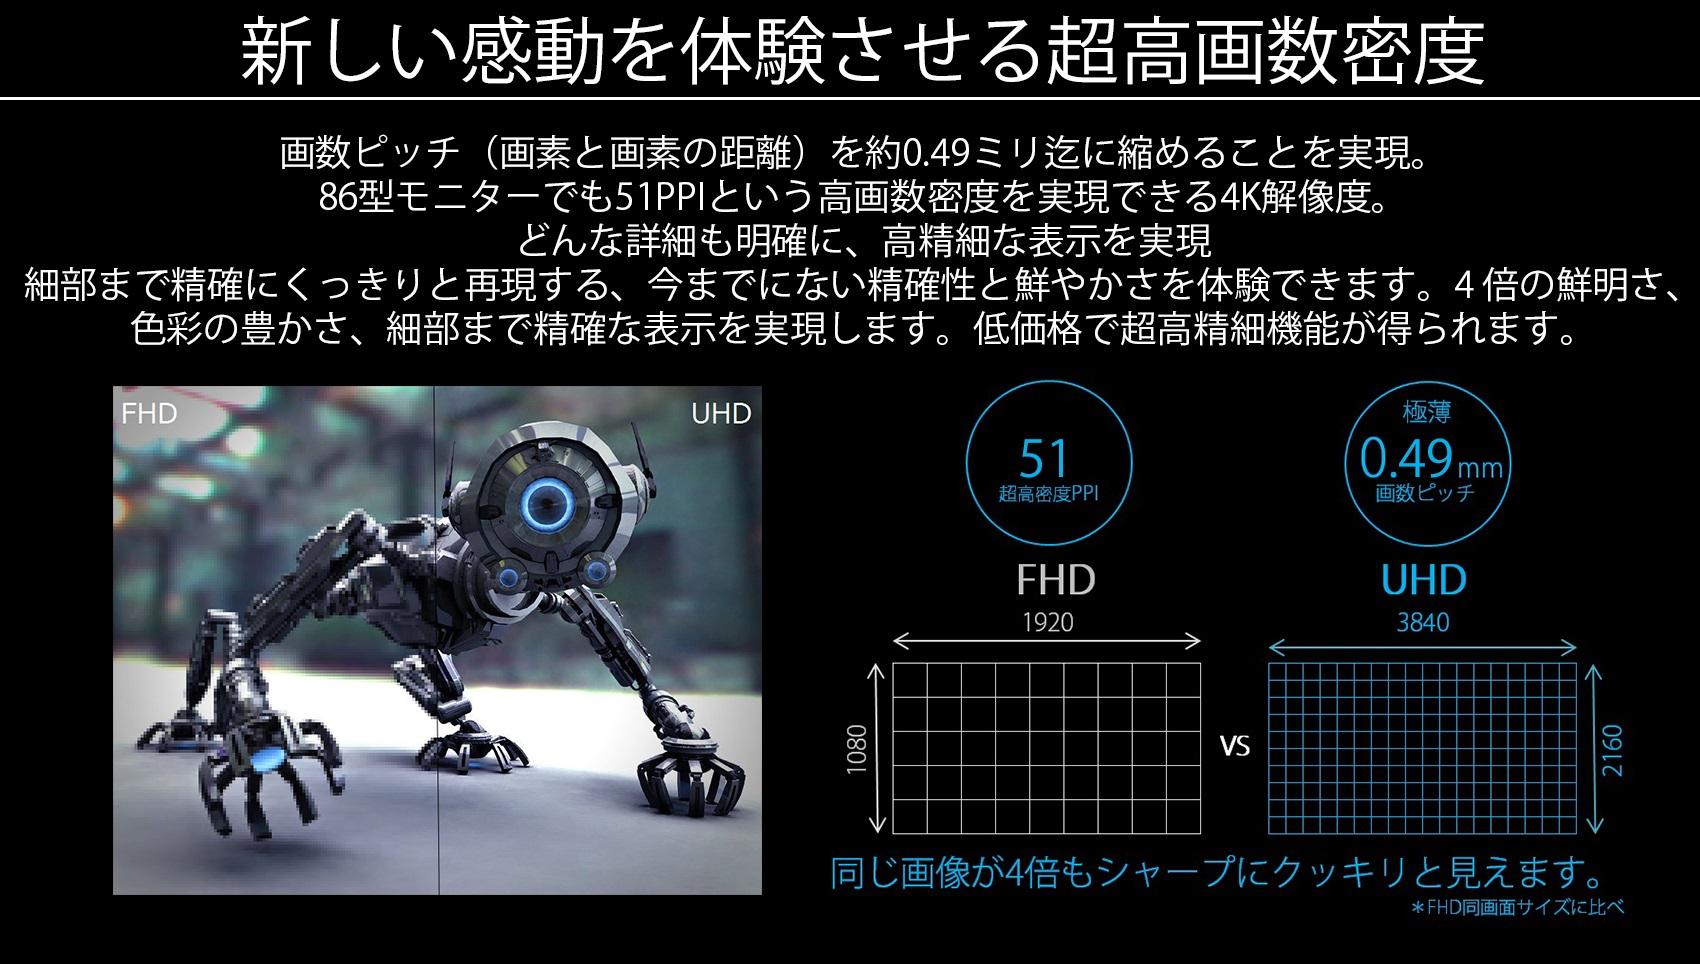 新しい感動を体験させる超高画数密度。画数ピッチ(画素と画素の距離)を86型で約0.49mm 迄に縮めることを実現。86型モニターでも51PPIという大型画面でも高画数密度を実現できる4K解像度。51PPIは43インチのFHD画面とほぼ同じ密度となります。大型画面でも詳細も明確に、高精細な表示を実現。